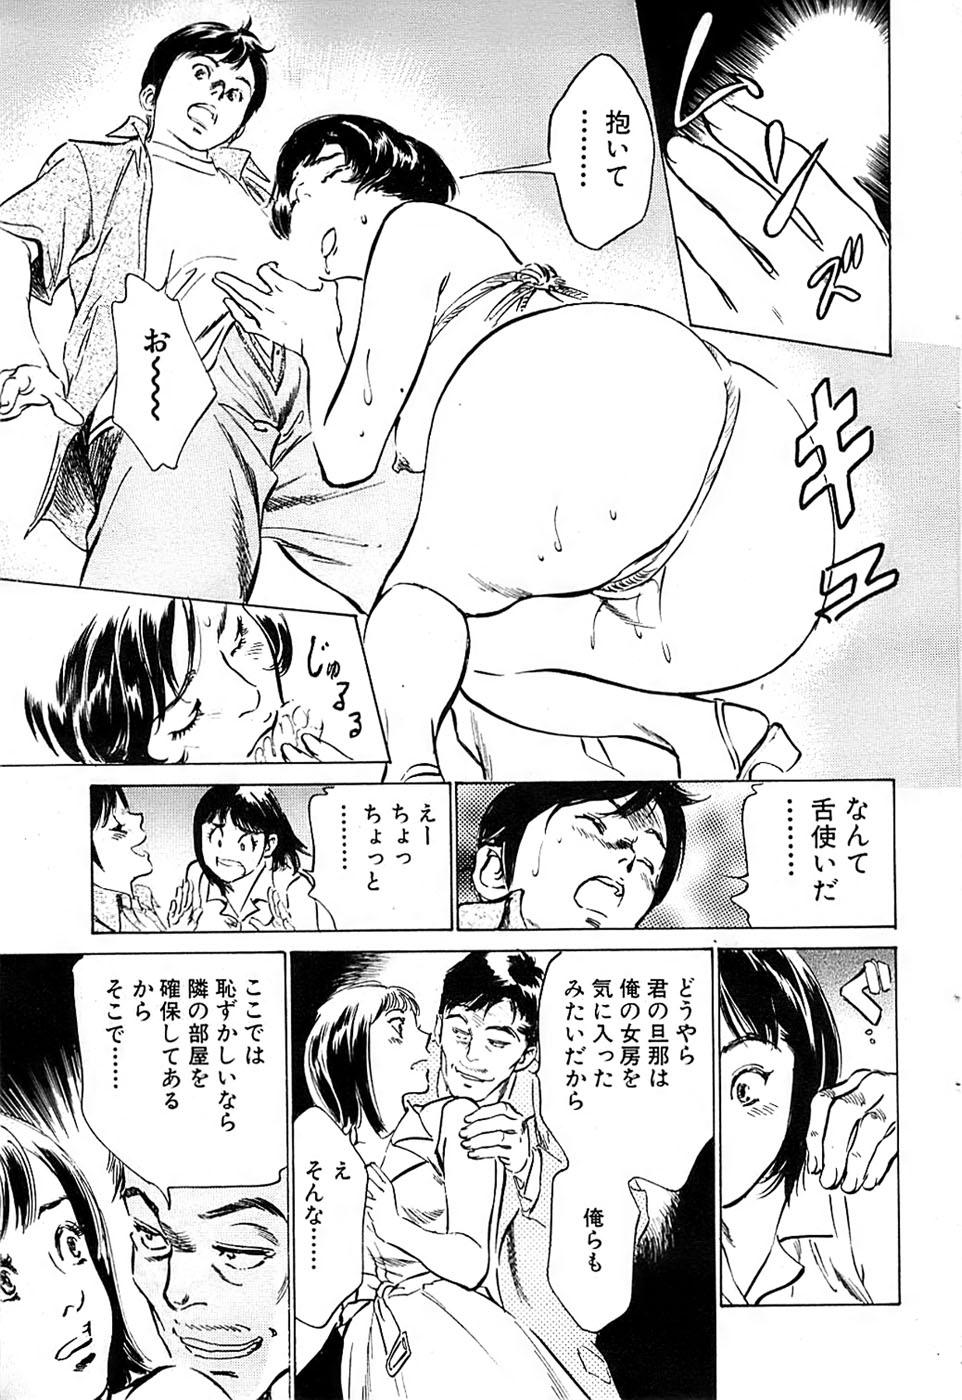 Comic Bazooka 2007-09 56